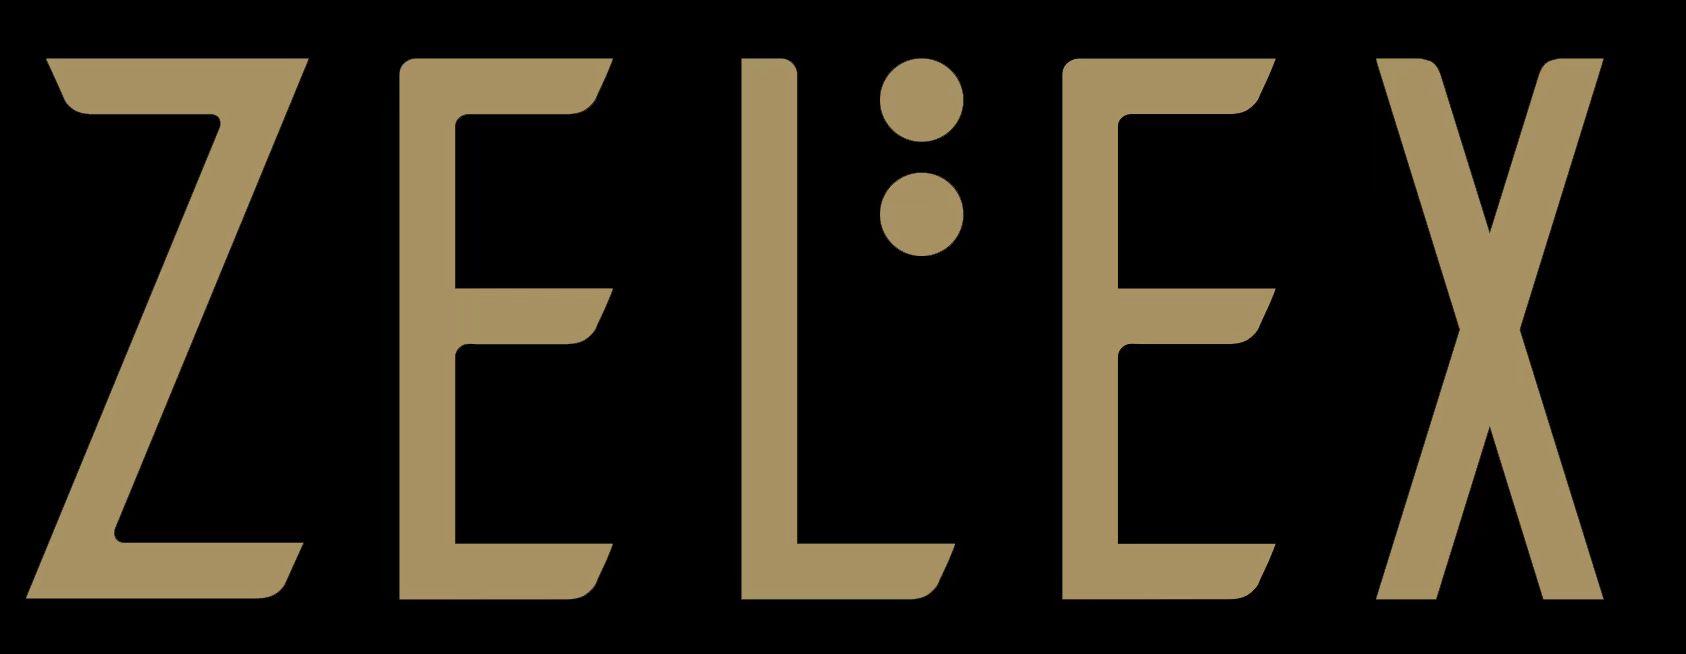 Zelex